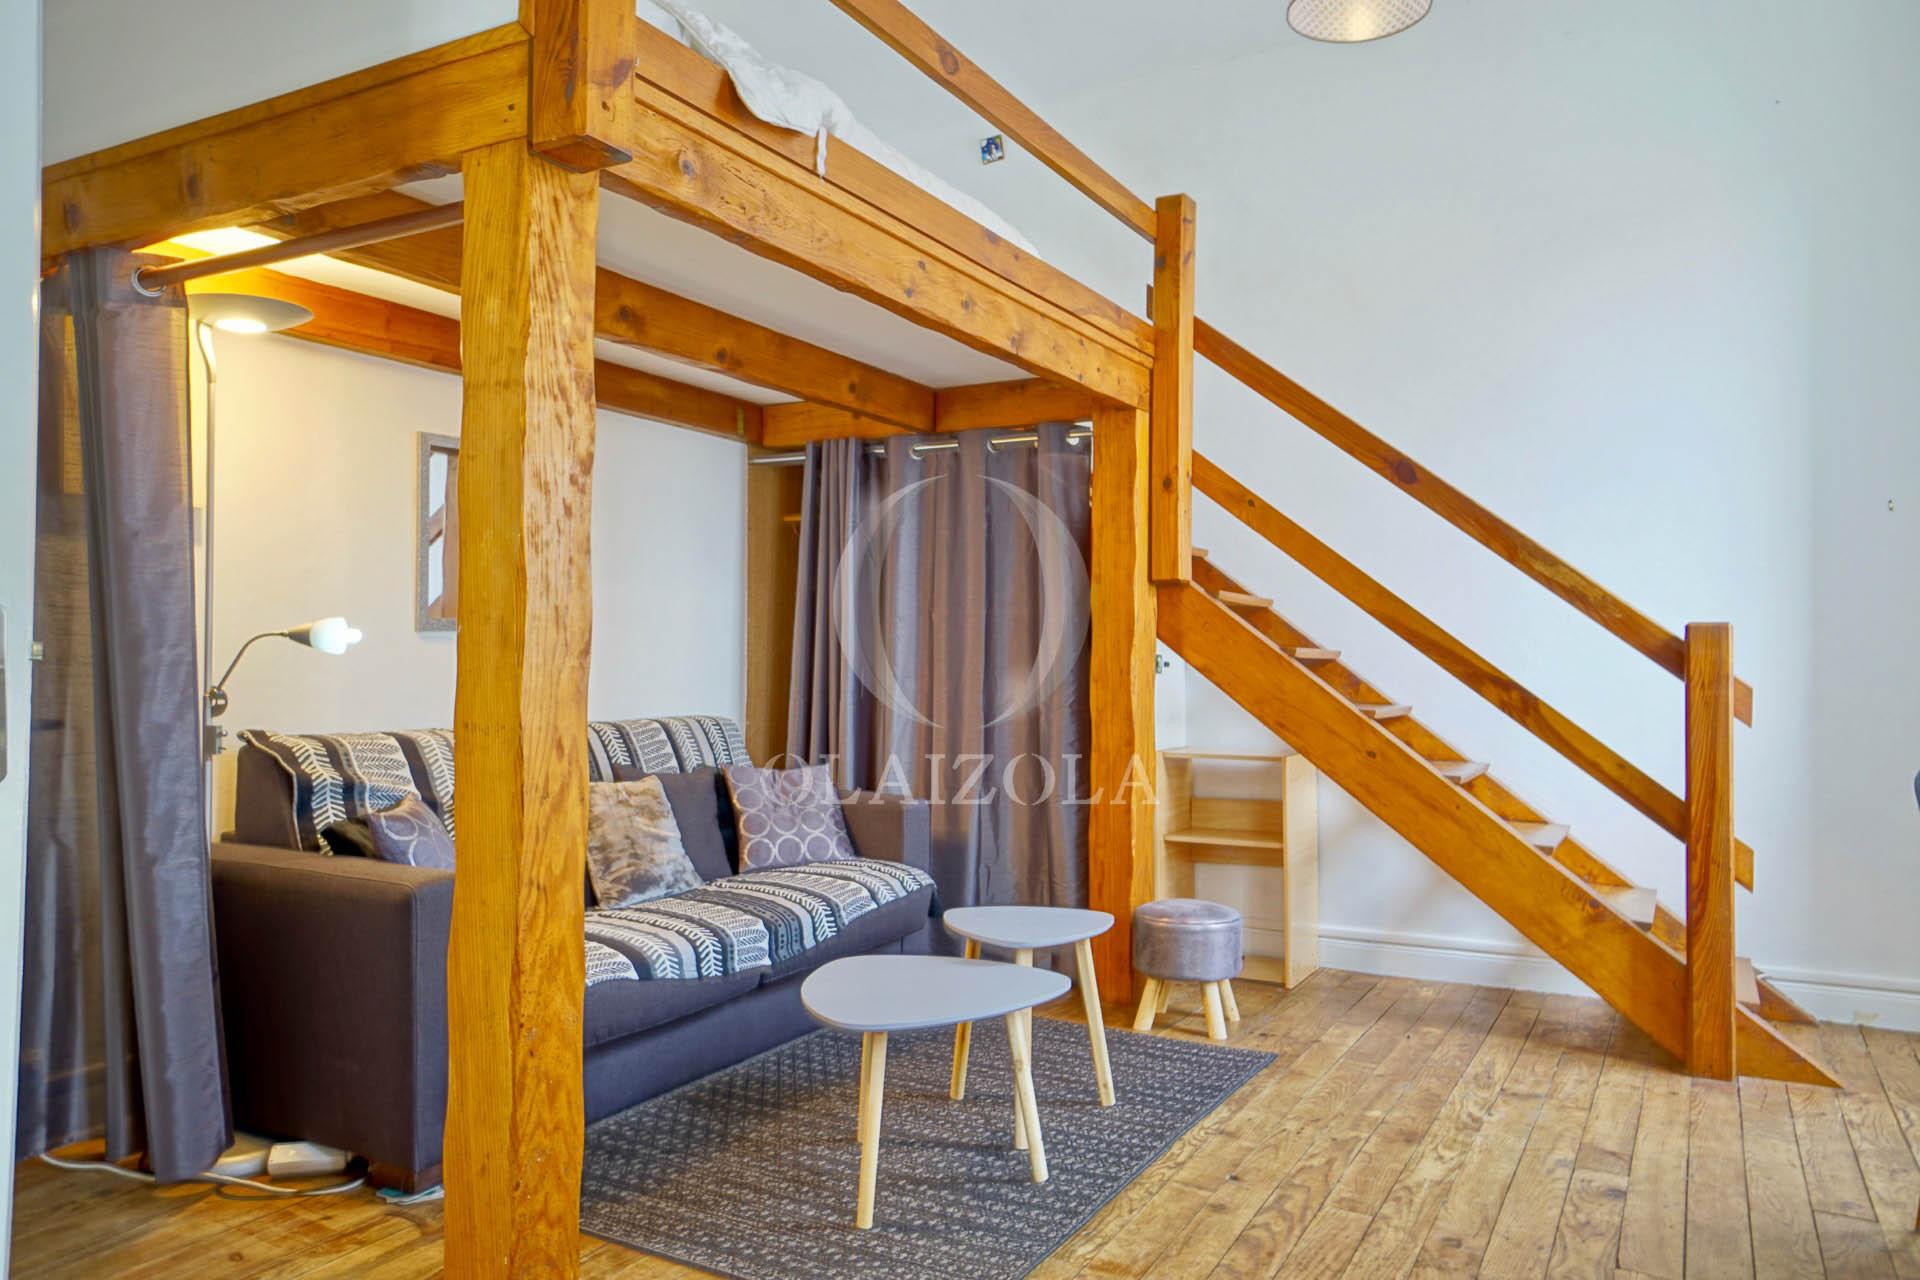 studio mezzanine en plein centre agence olaizola location saisonni re de vacances biarritz. Black Bedroom Furniture Sets. Home Design Ideas